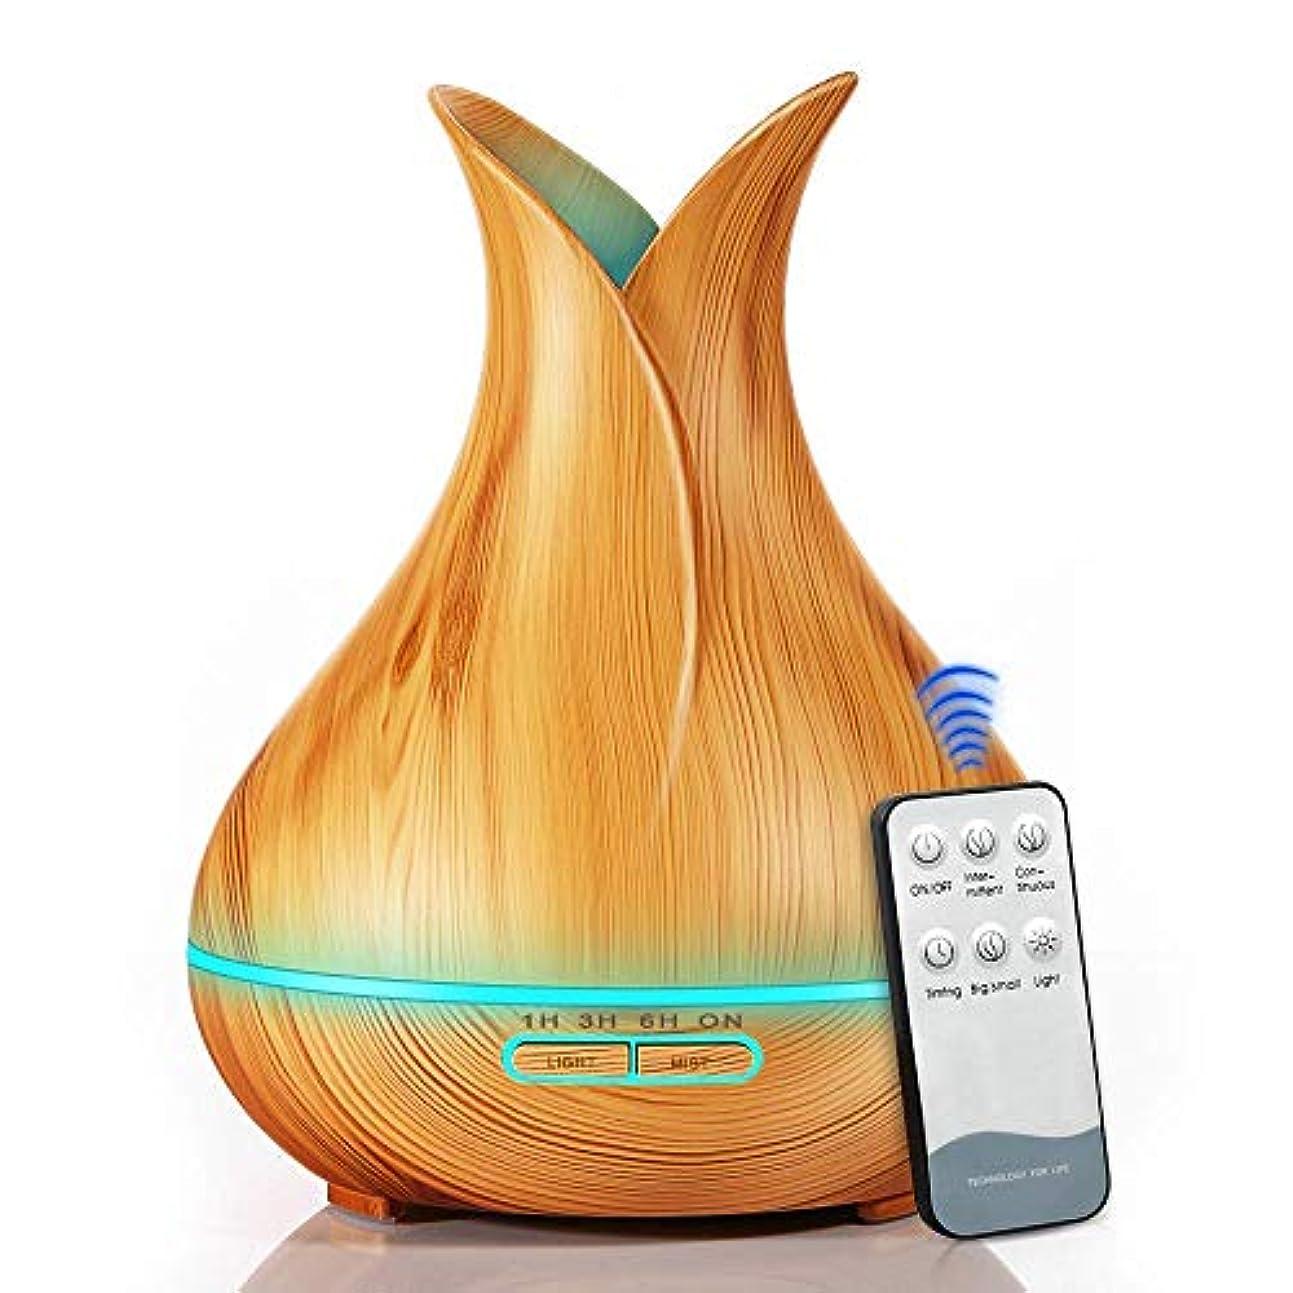 マッシュ意気消沈した司法400Mlアロマエッセンシャルオイルディフューザーリモコン超音波加湿器、ウッドグレイン7色LED点灯タイマー設定,Brown